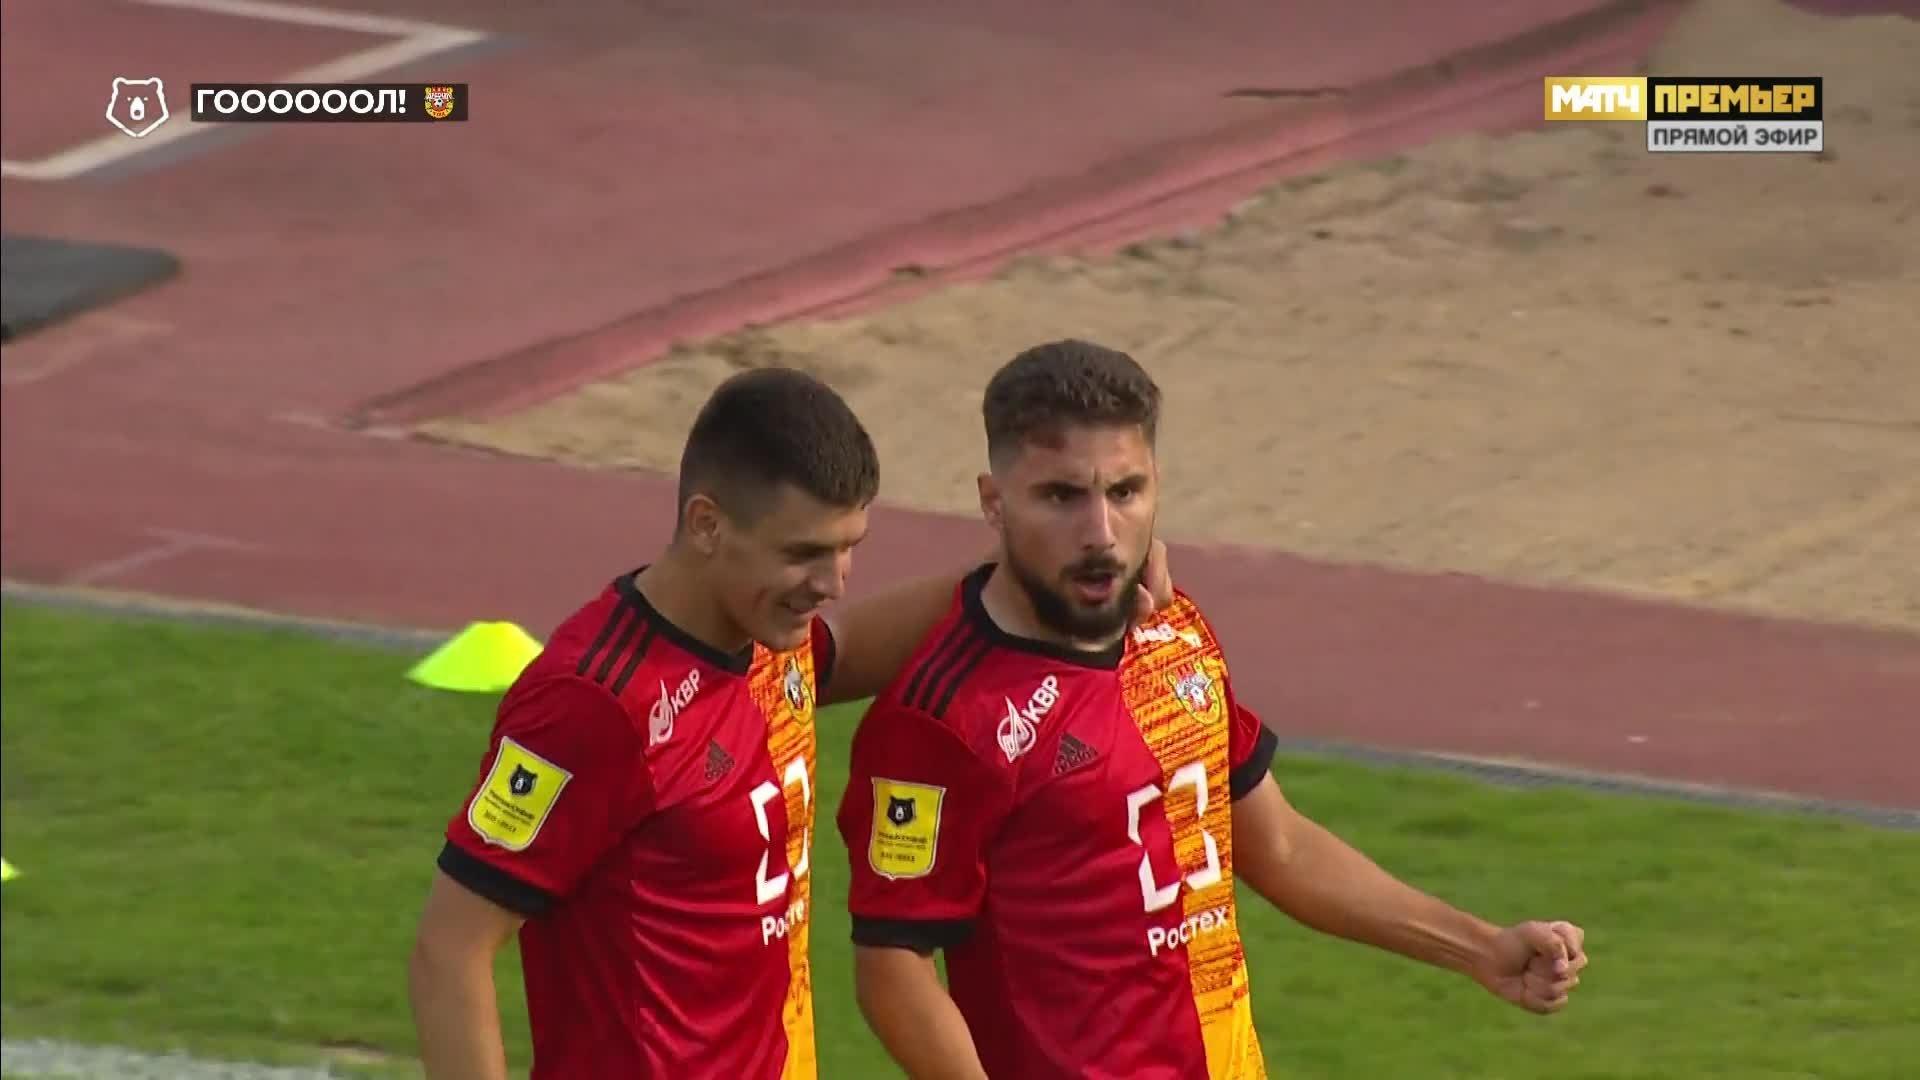 Арсенал - Крылья Советов. 1:0. Зурико Давиташвили